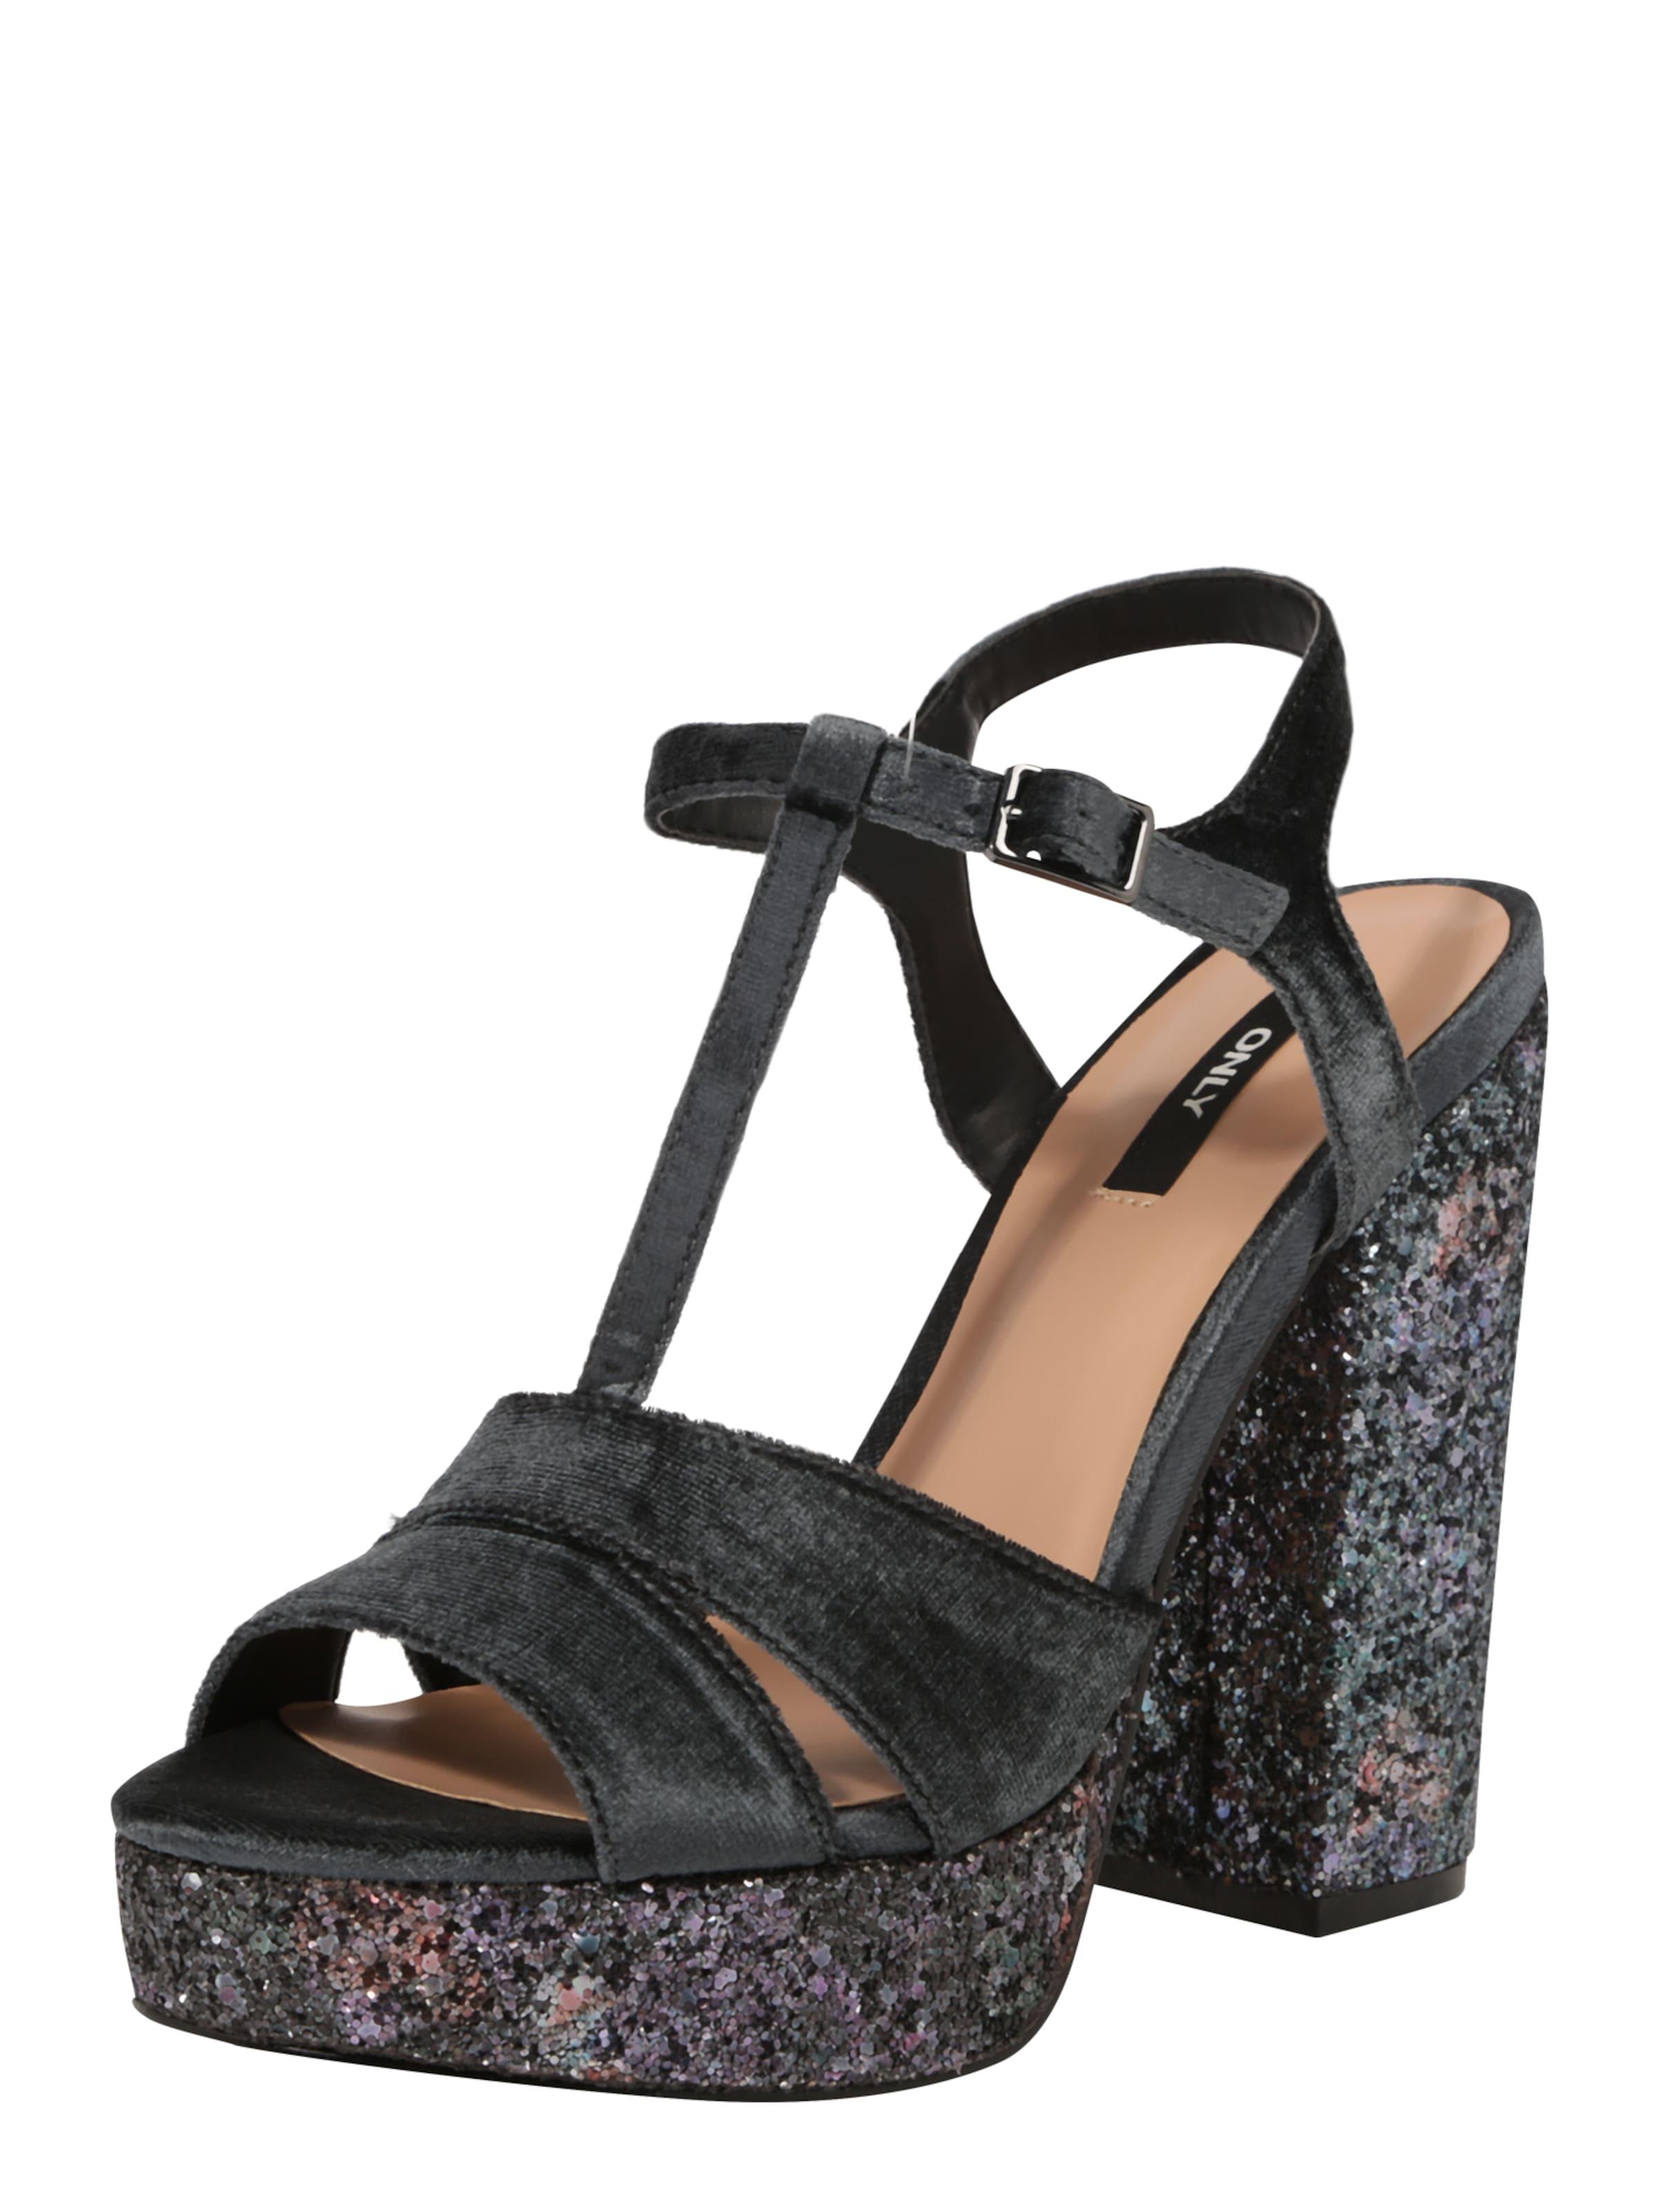 ONLY Sandale Allie Verschleißfeste billige Schuhe